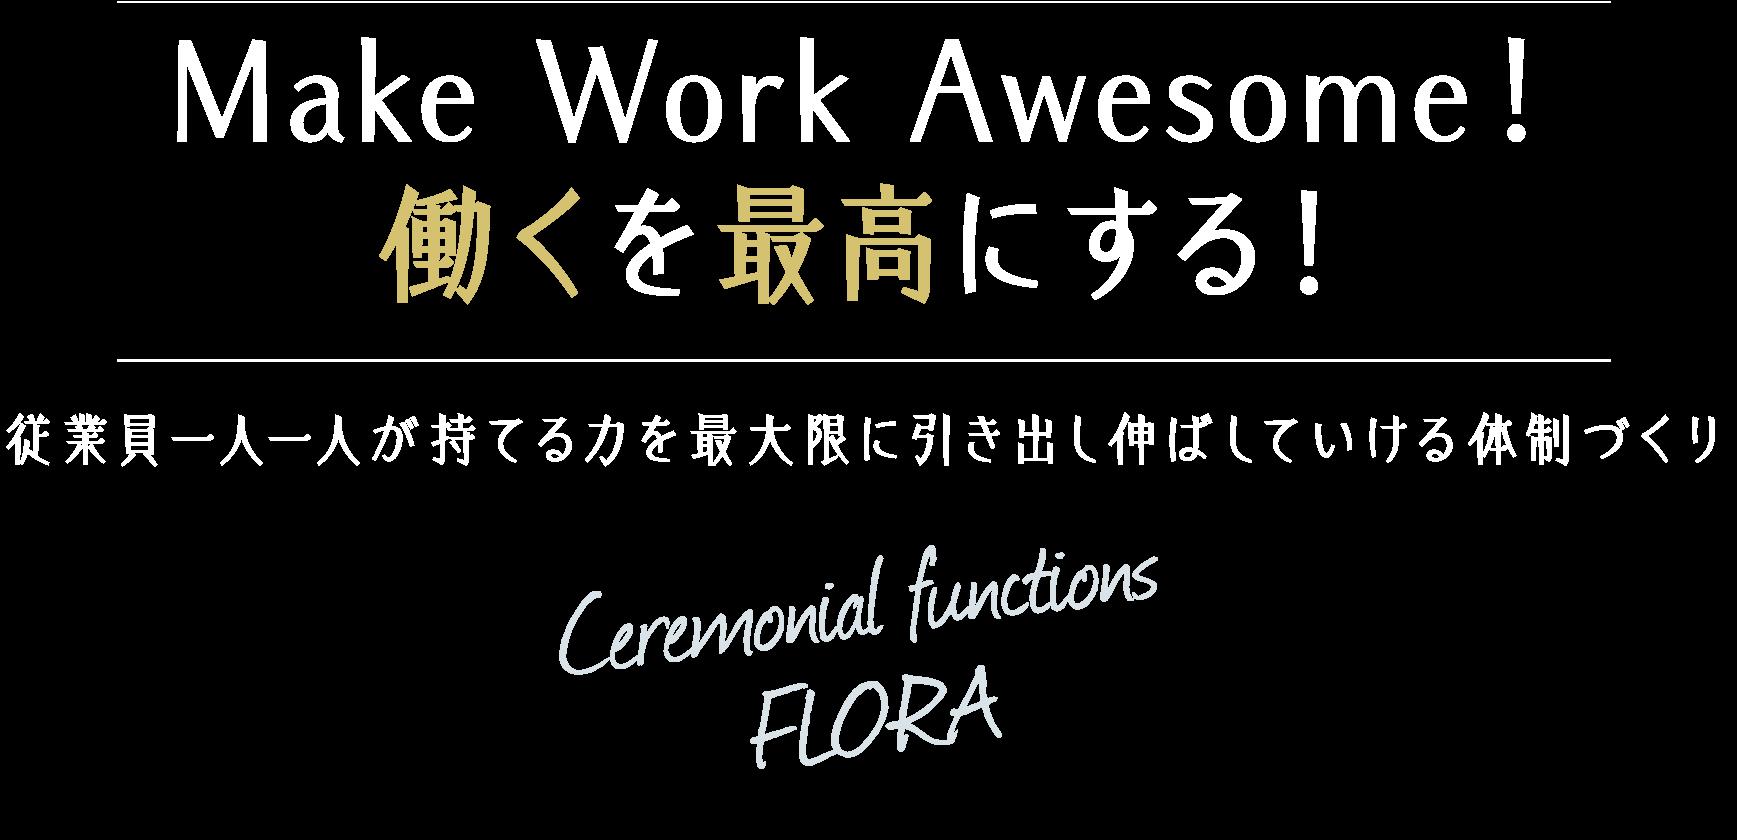 働くを最高にする!